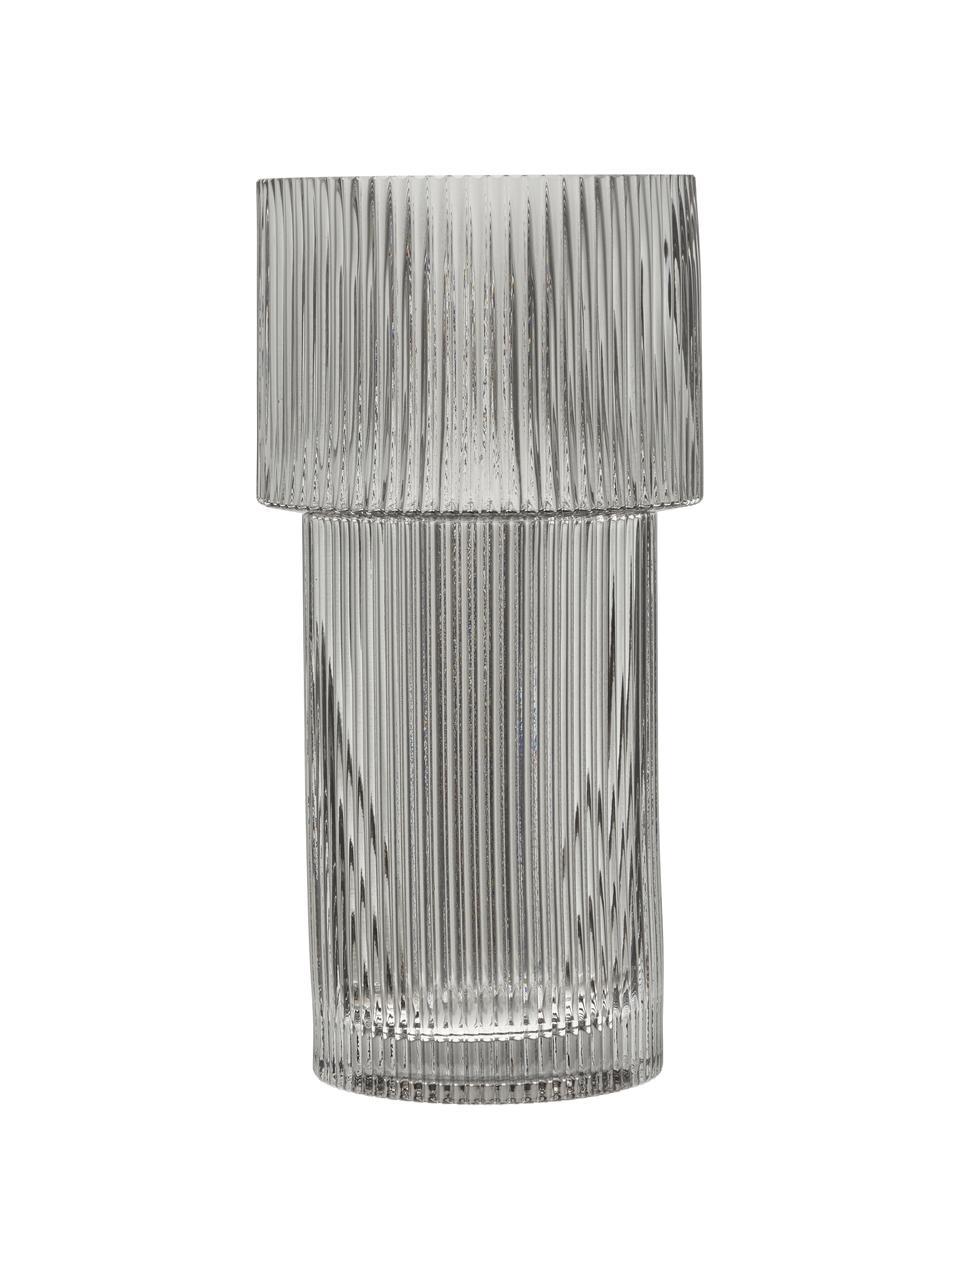 Wazon ze szkła Lija, Szkło, Szary, transparentny, Ø 14 x W 30 cm